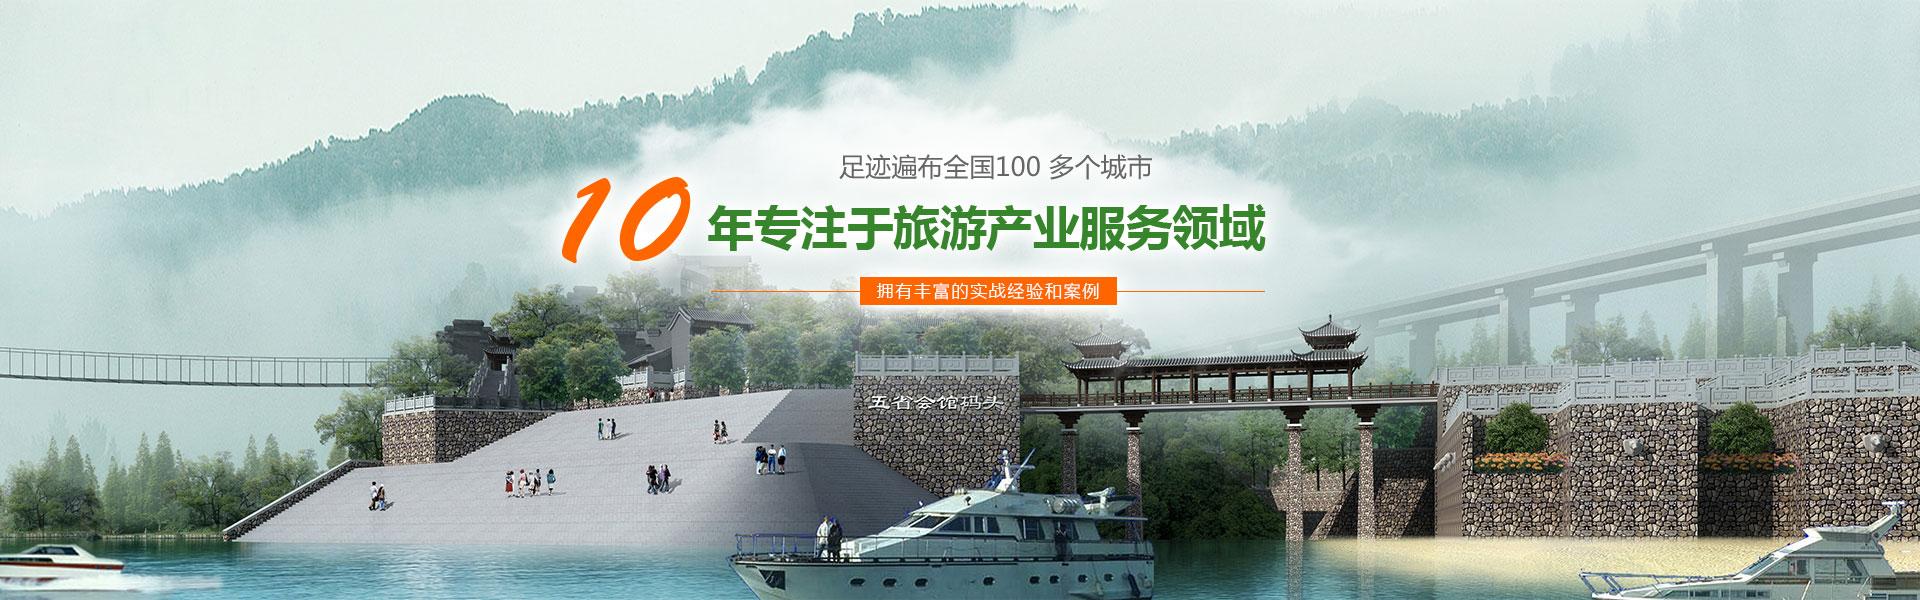 重庆旅游景观设计